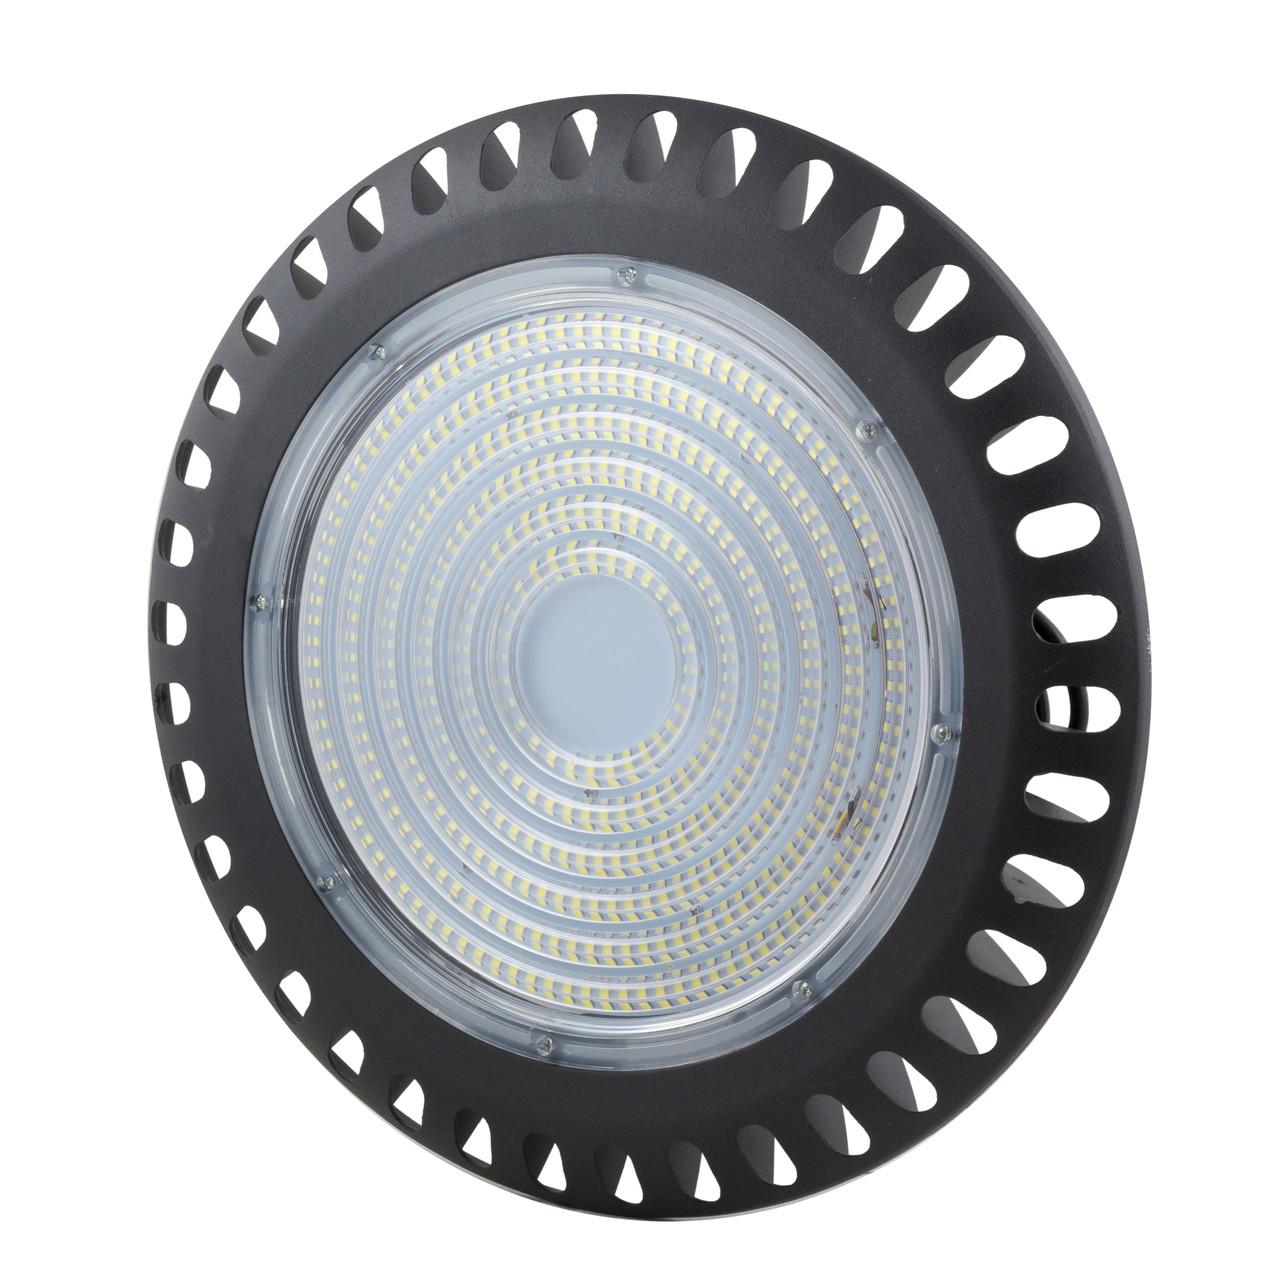 Світлодіодний світильник LED 100 Вт 6400К 10 000 Lm IP65 Евросвет, промисловий